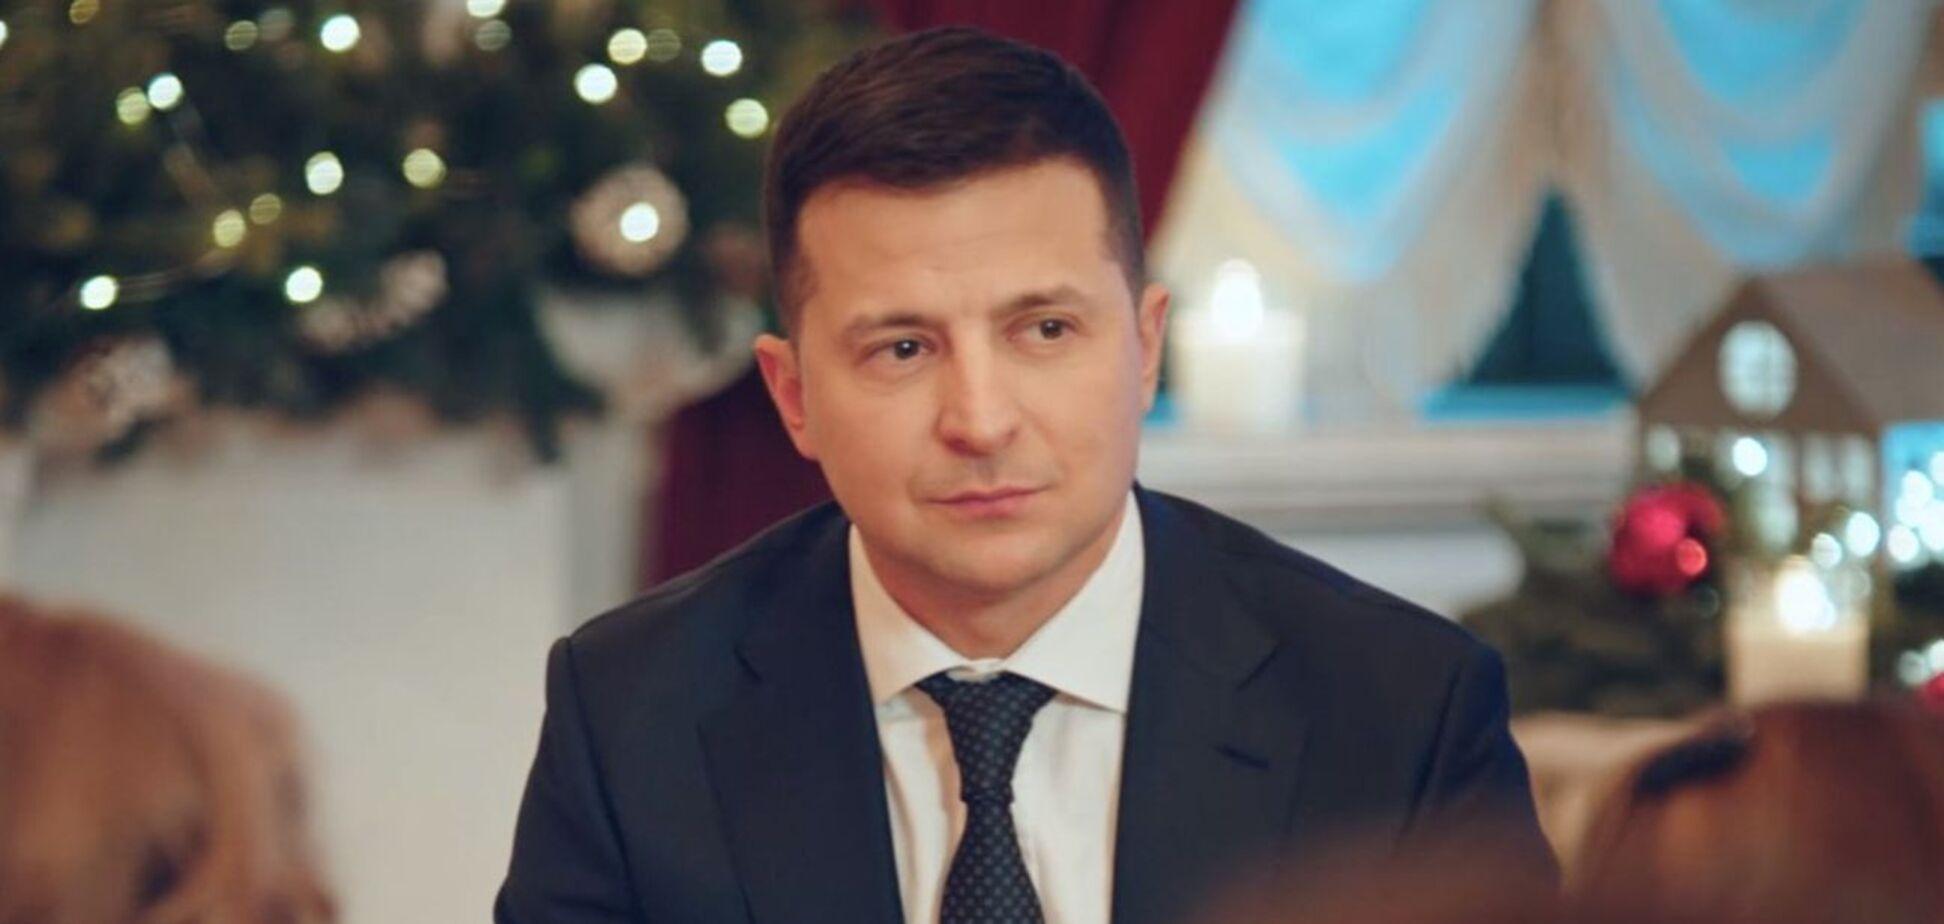 Лариса Волошина розкритикувала новорічне привітання Володимира Зеленського